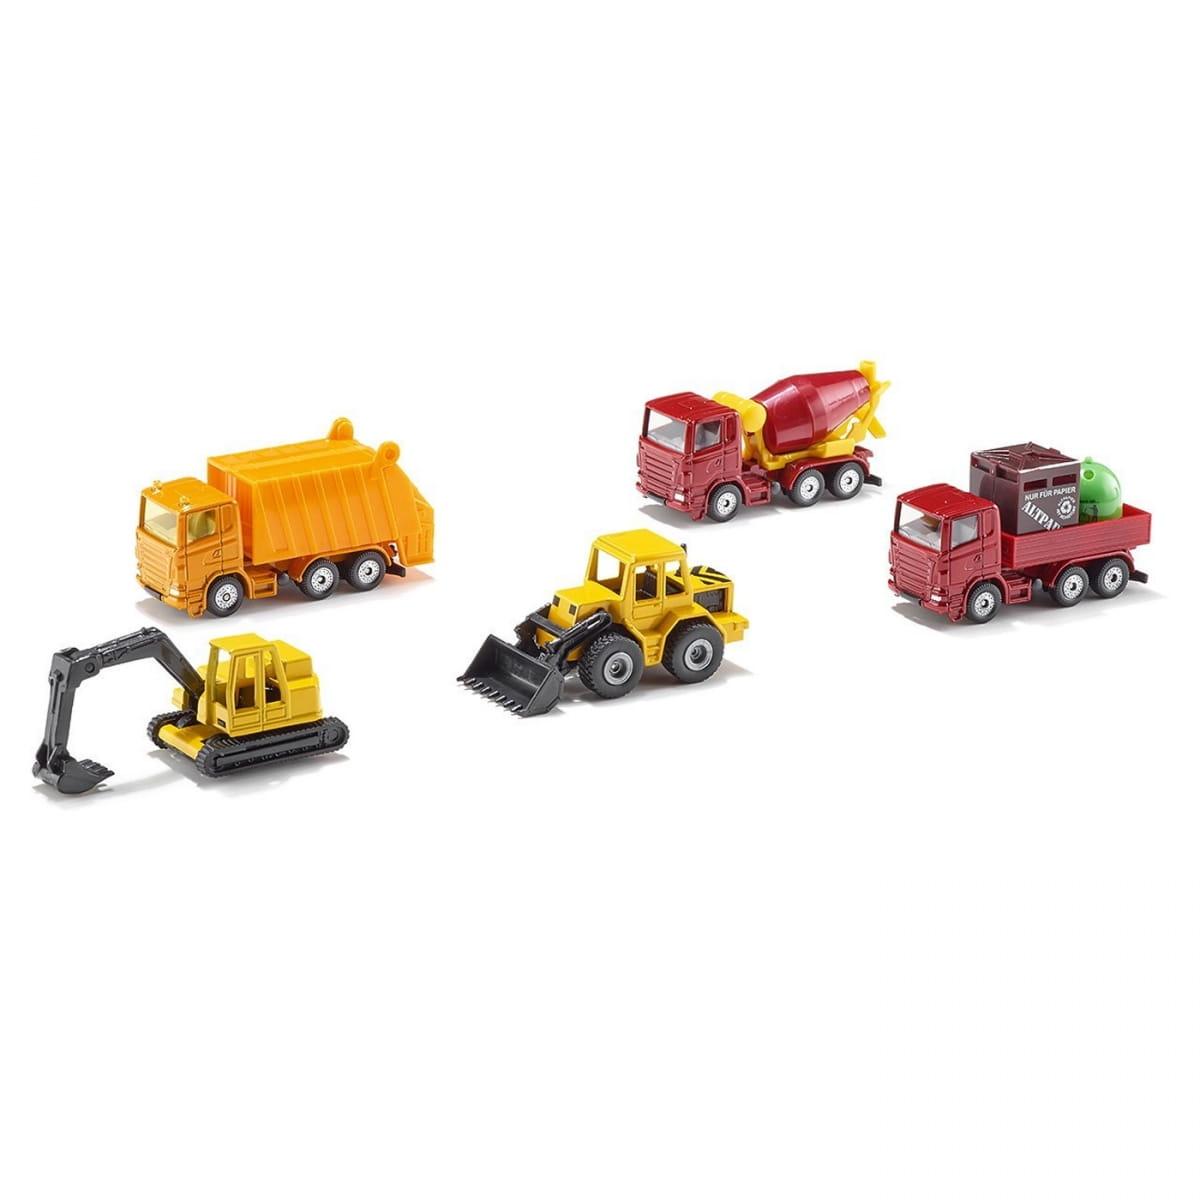 Набор машинок Siku (бетономешалка, экскаватор, грузовик, погрузчик и мусоровоз)